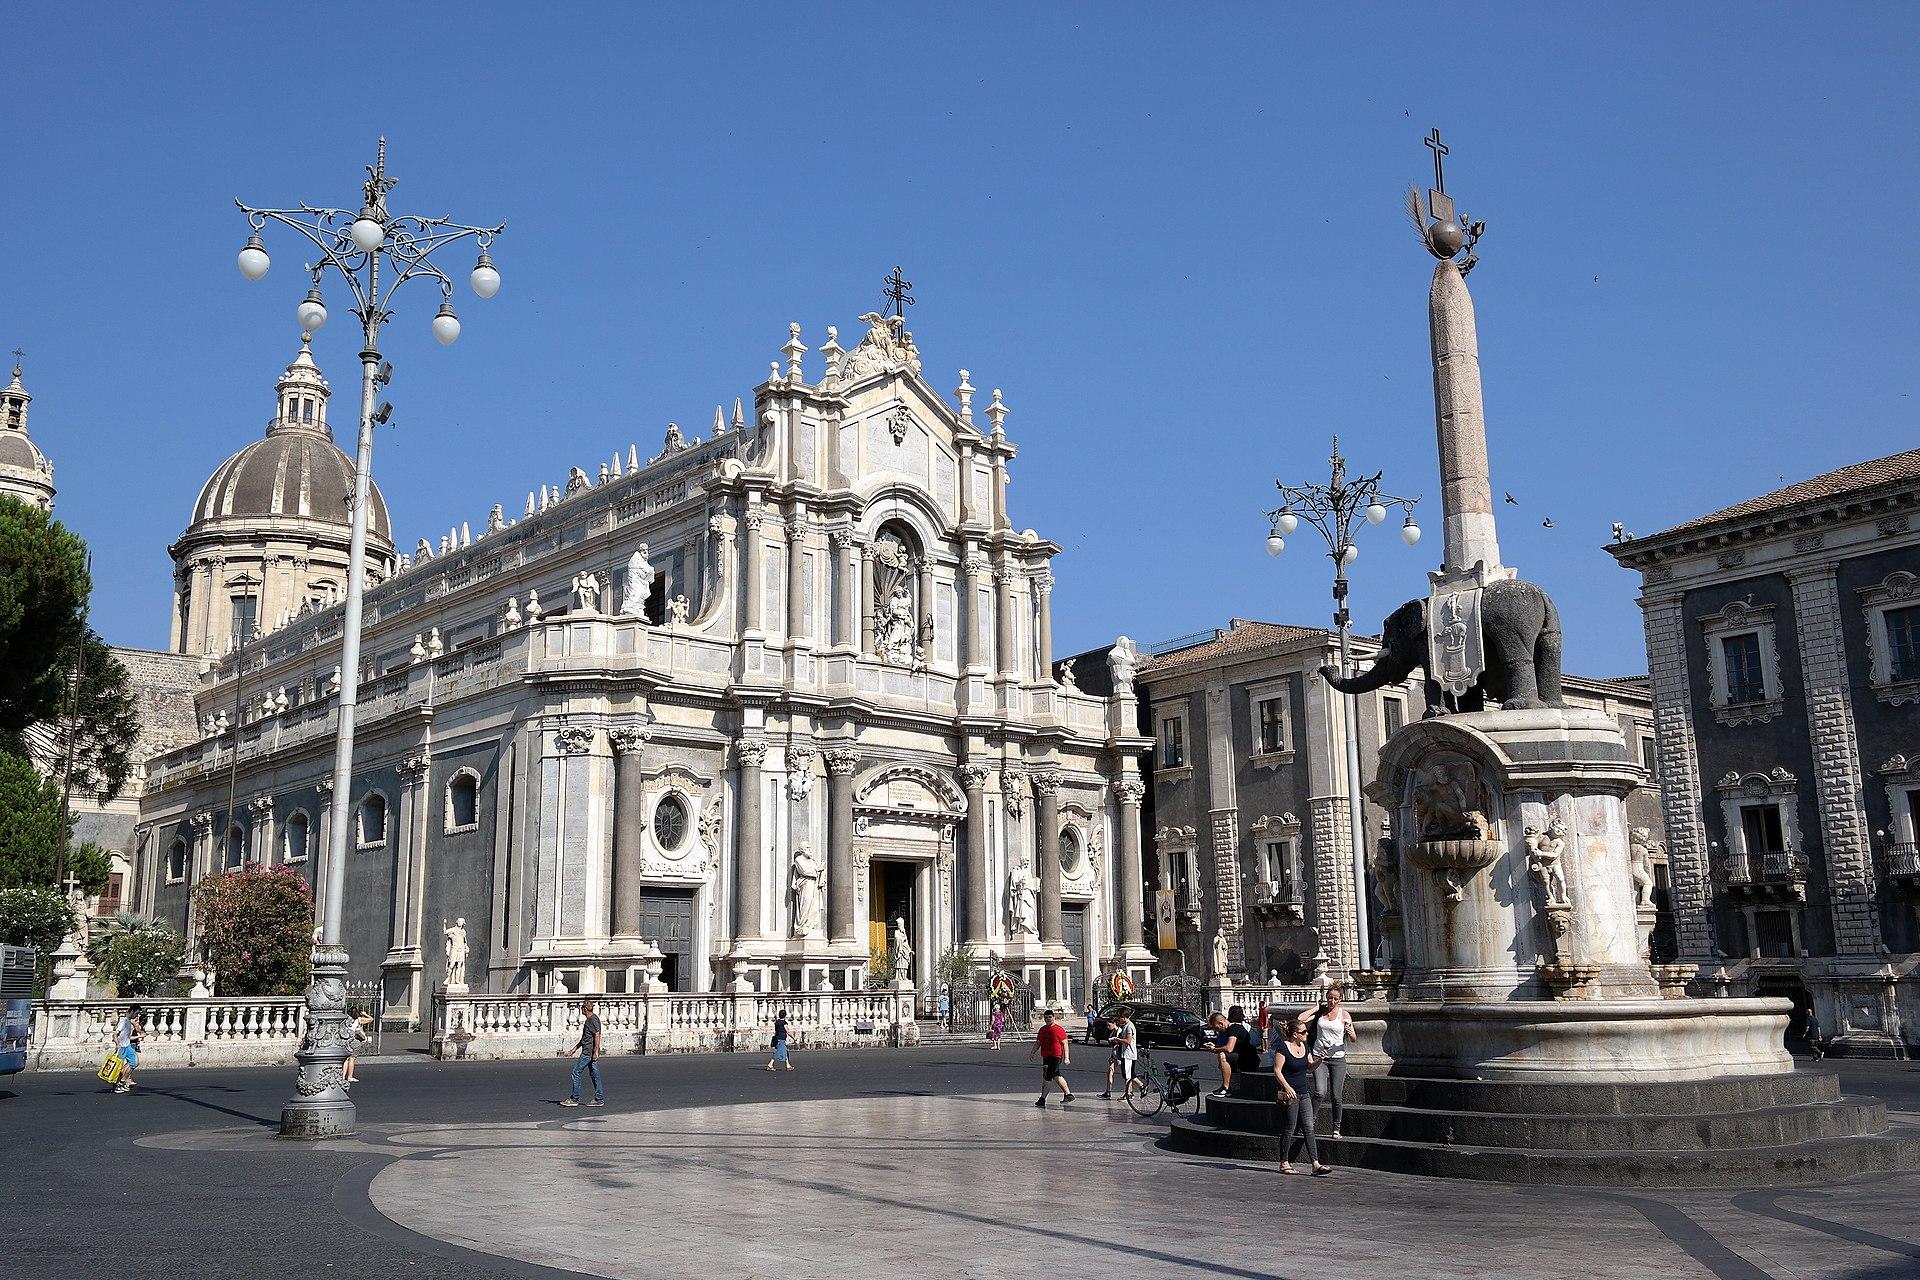 Piazza del duomo catania wikipedia - Piscine a catania e provincia ...